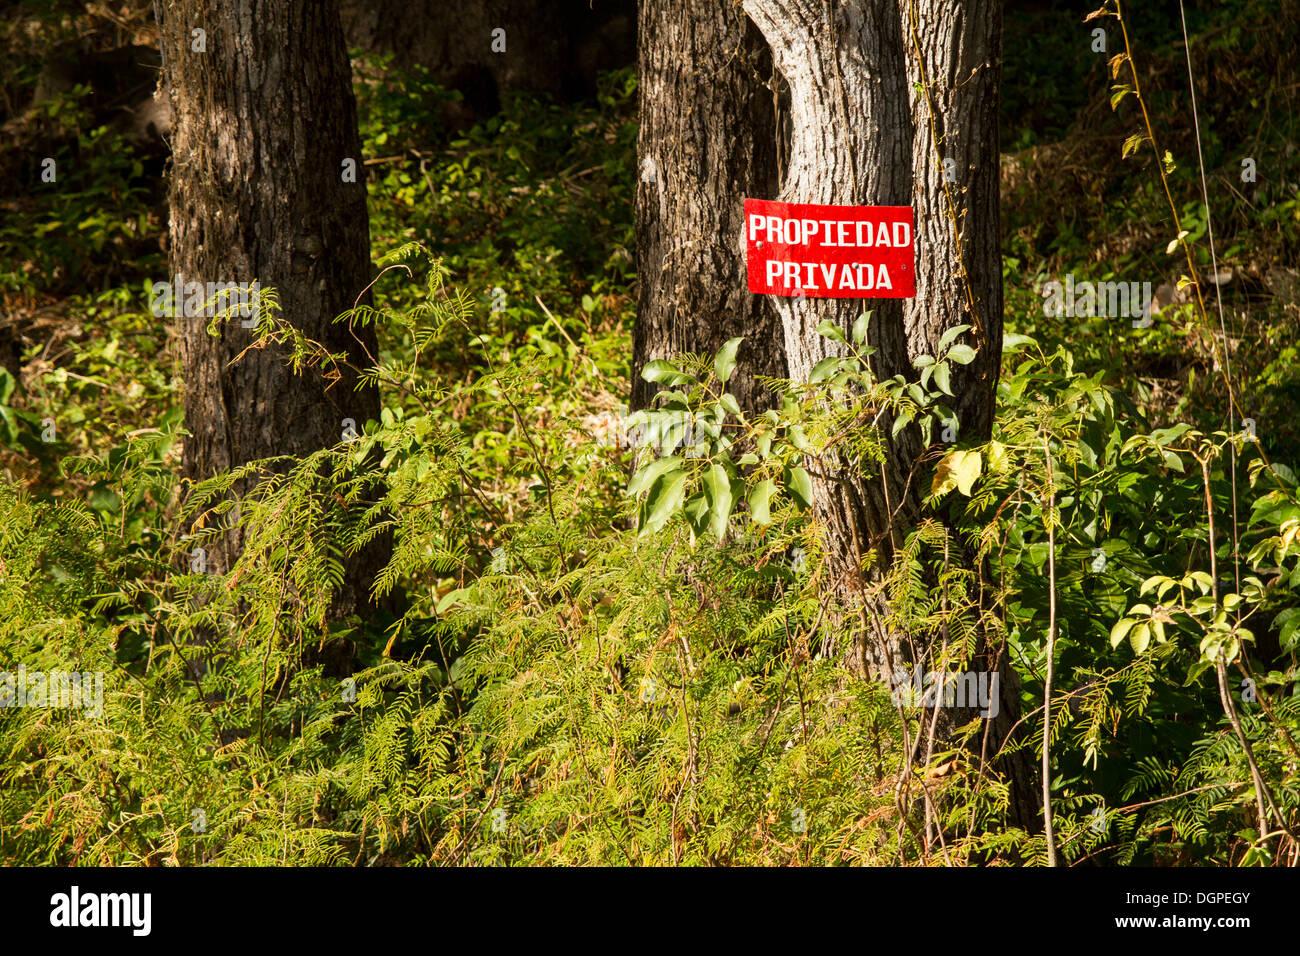 La proprietà privata cartello in isolotti di Granada, Nicaragua. Immagini Stock